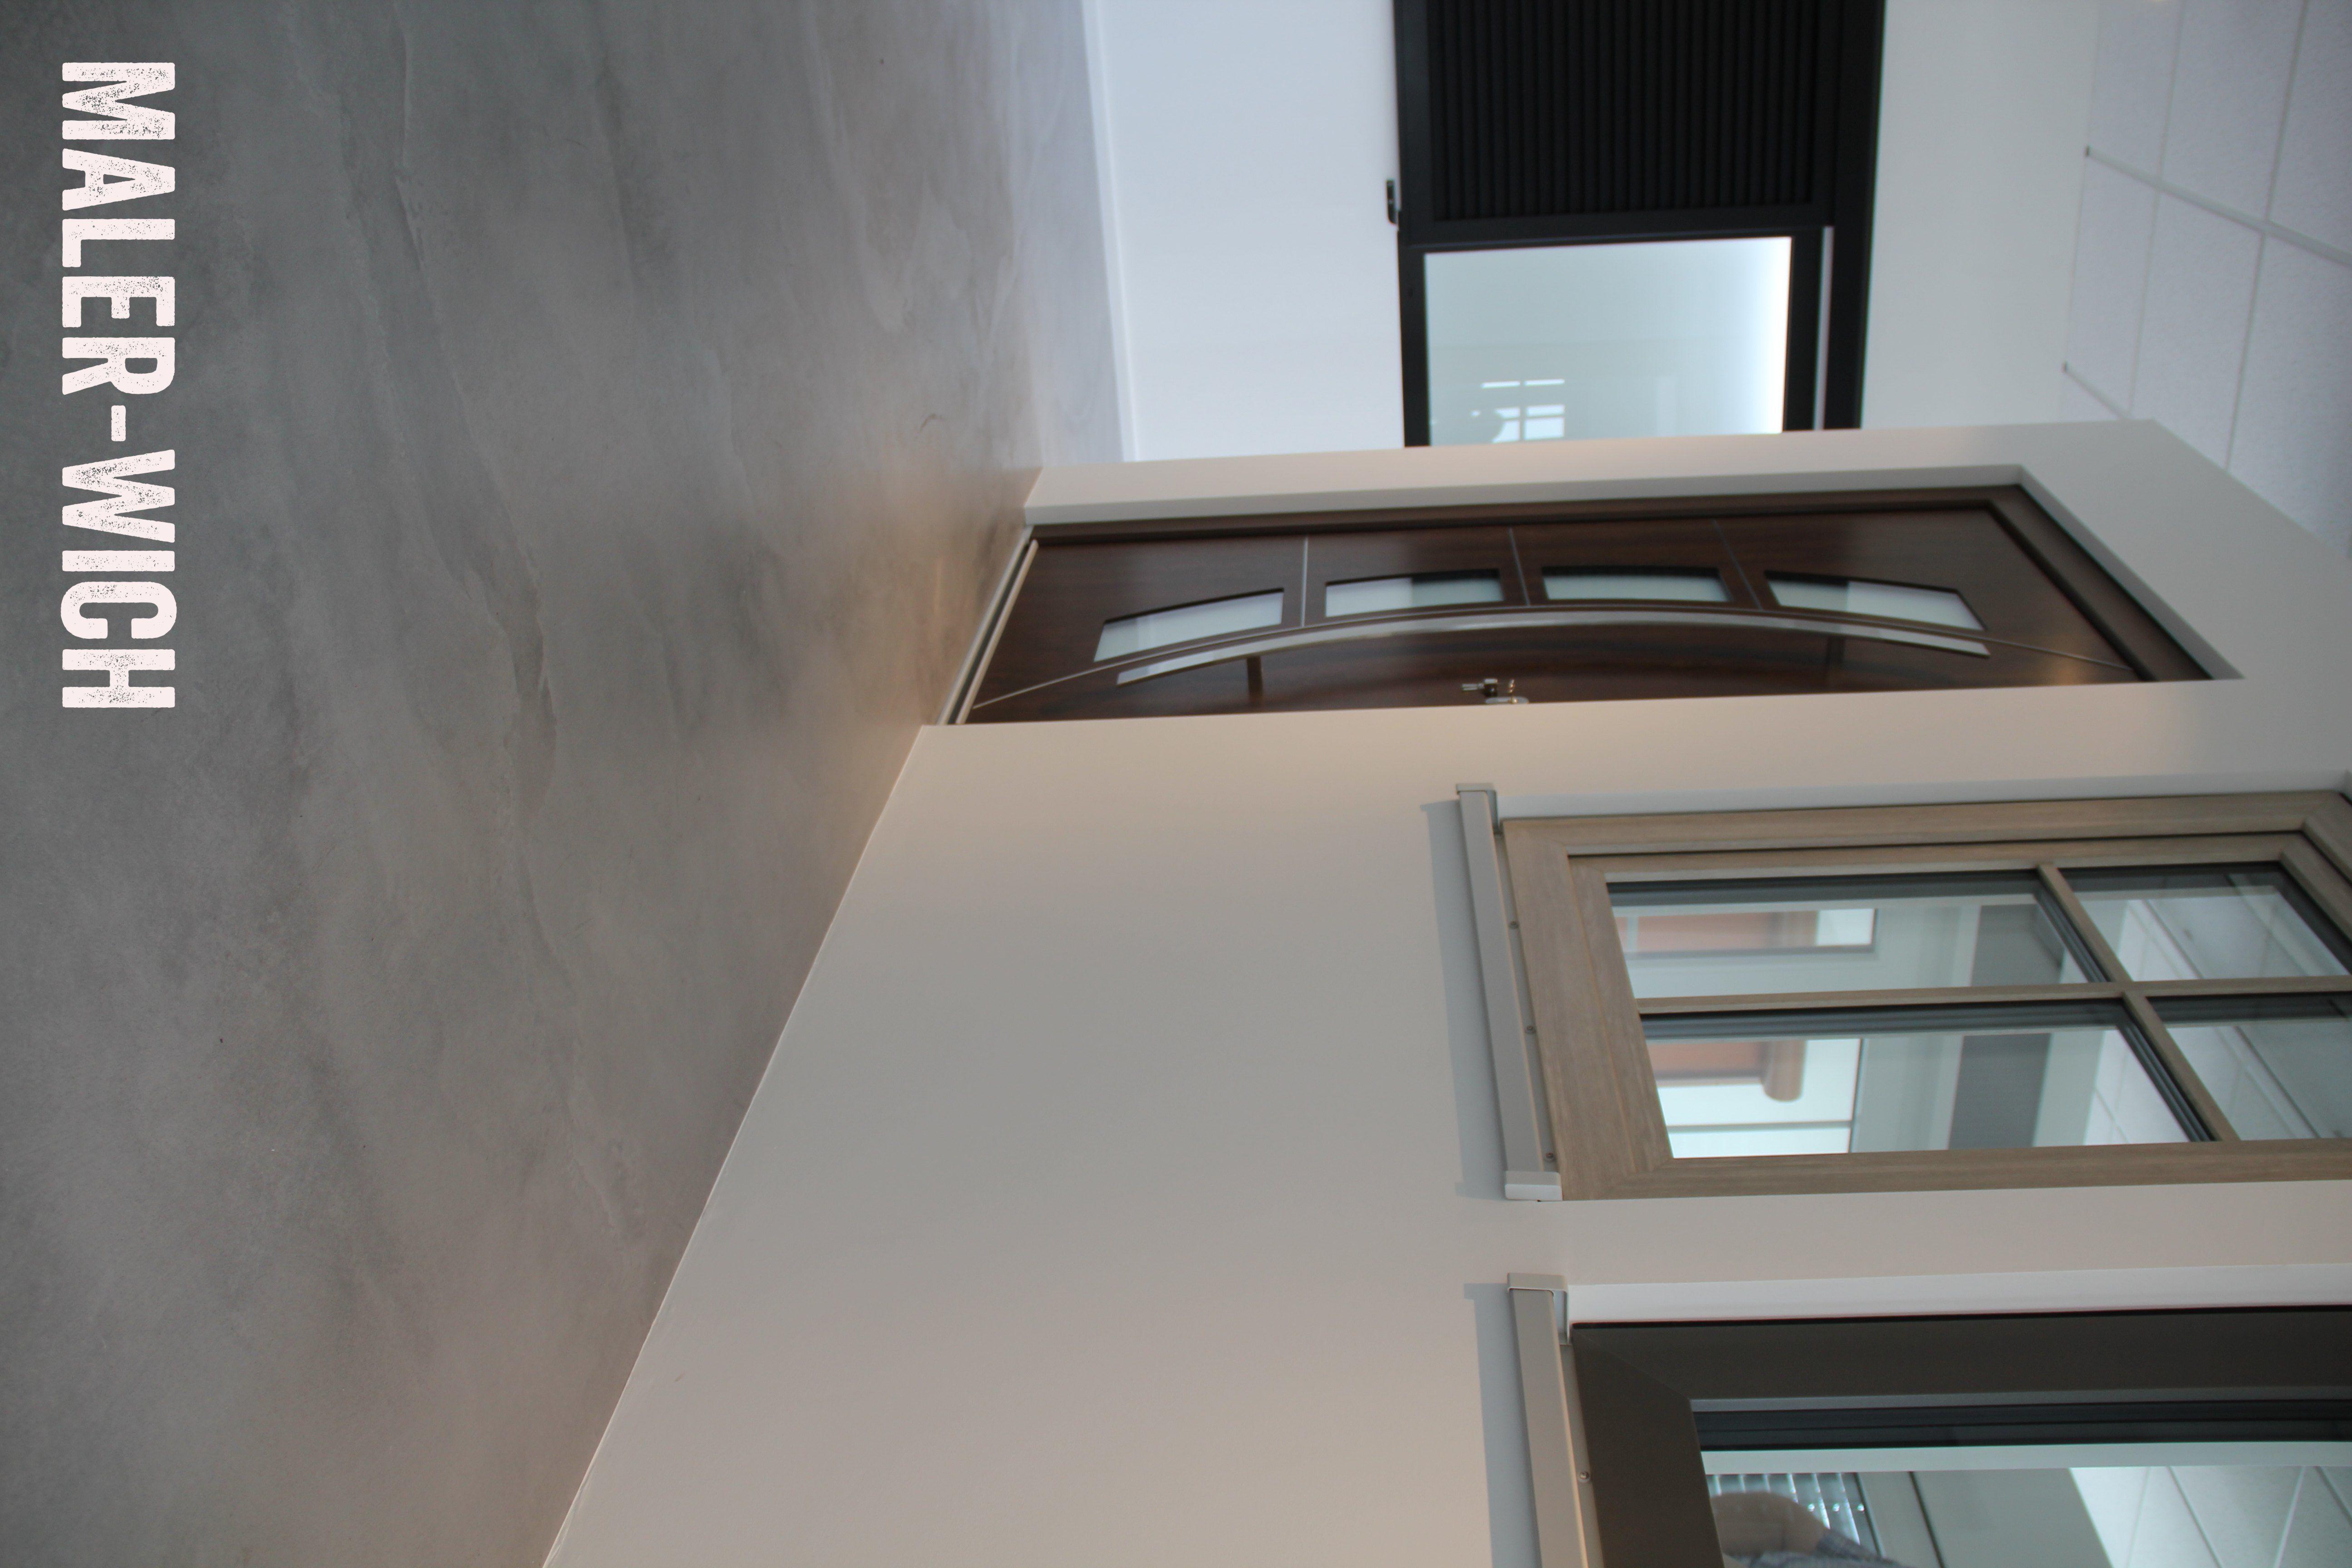 Fugenloser Boden fugenloser boden showroom therma fensterbau raumgestaltung